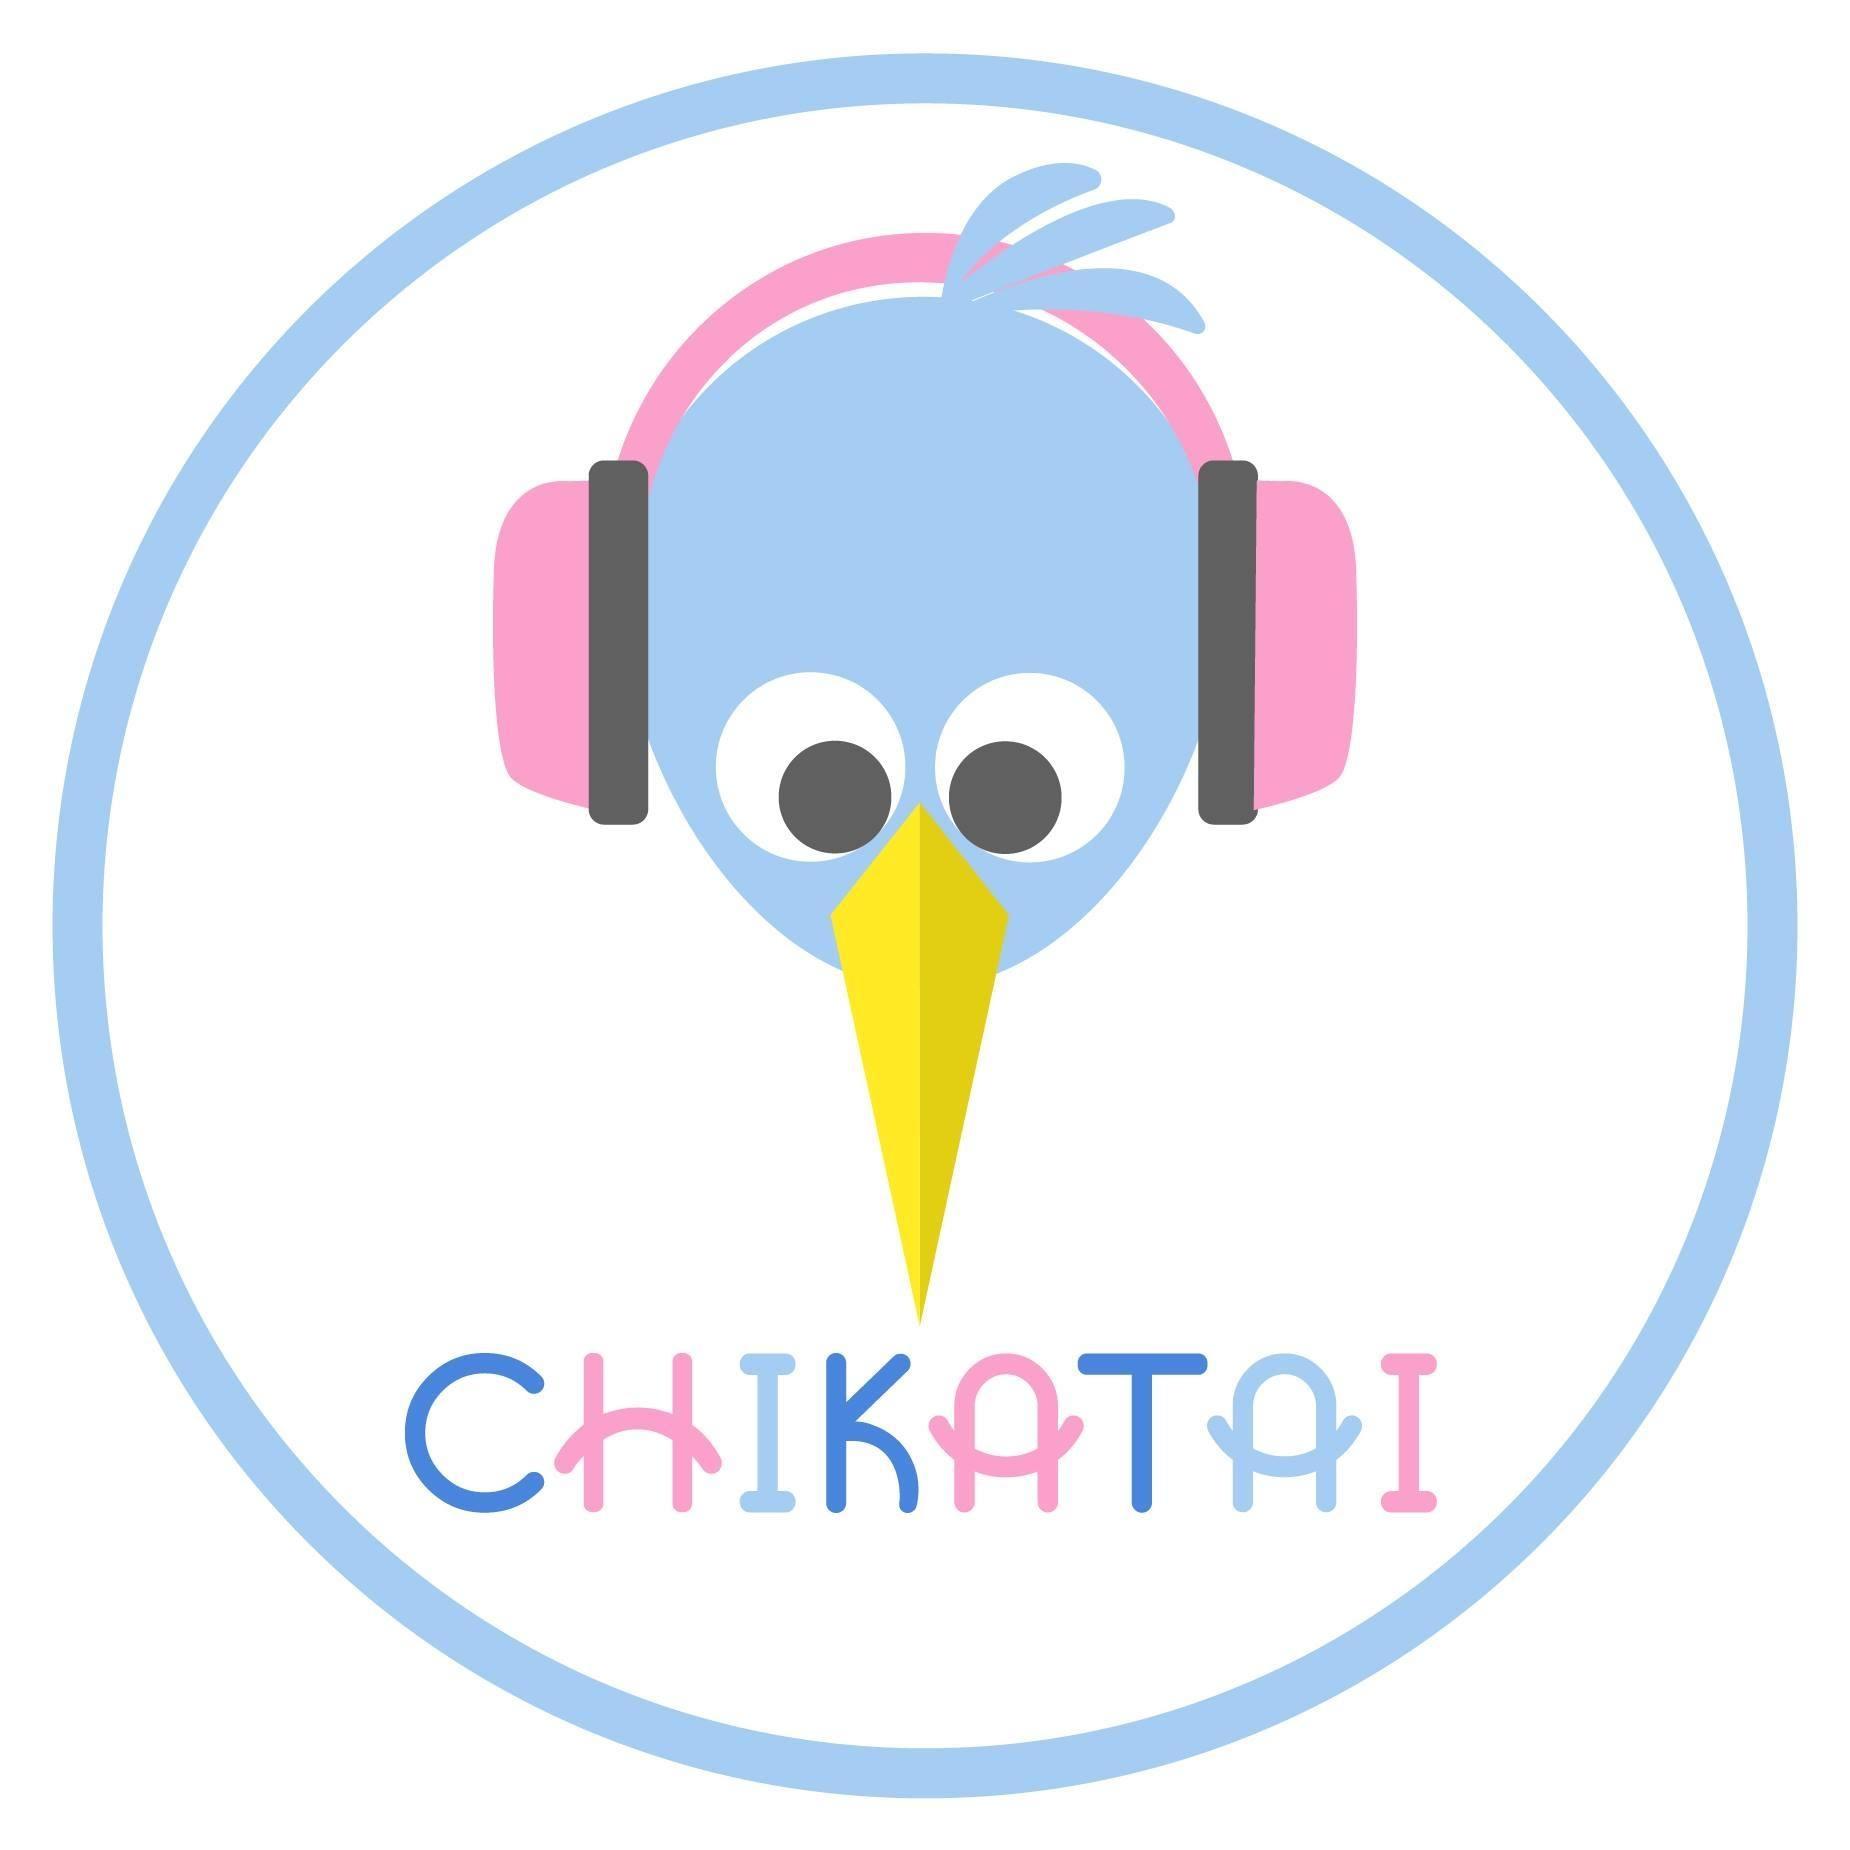 Chikatai